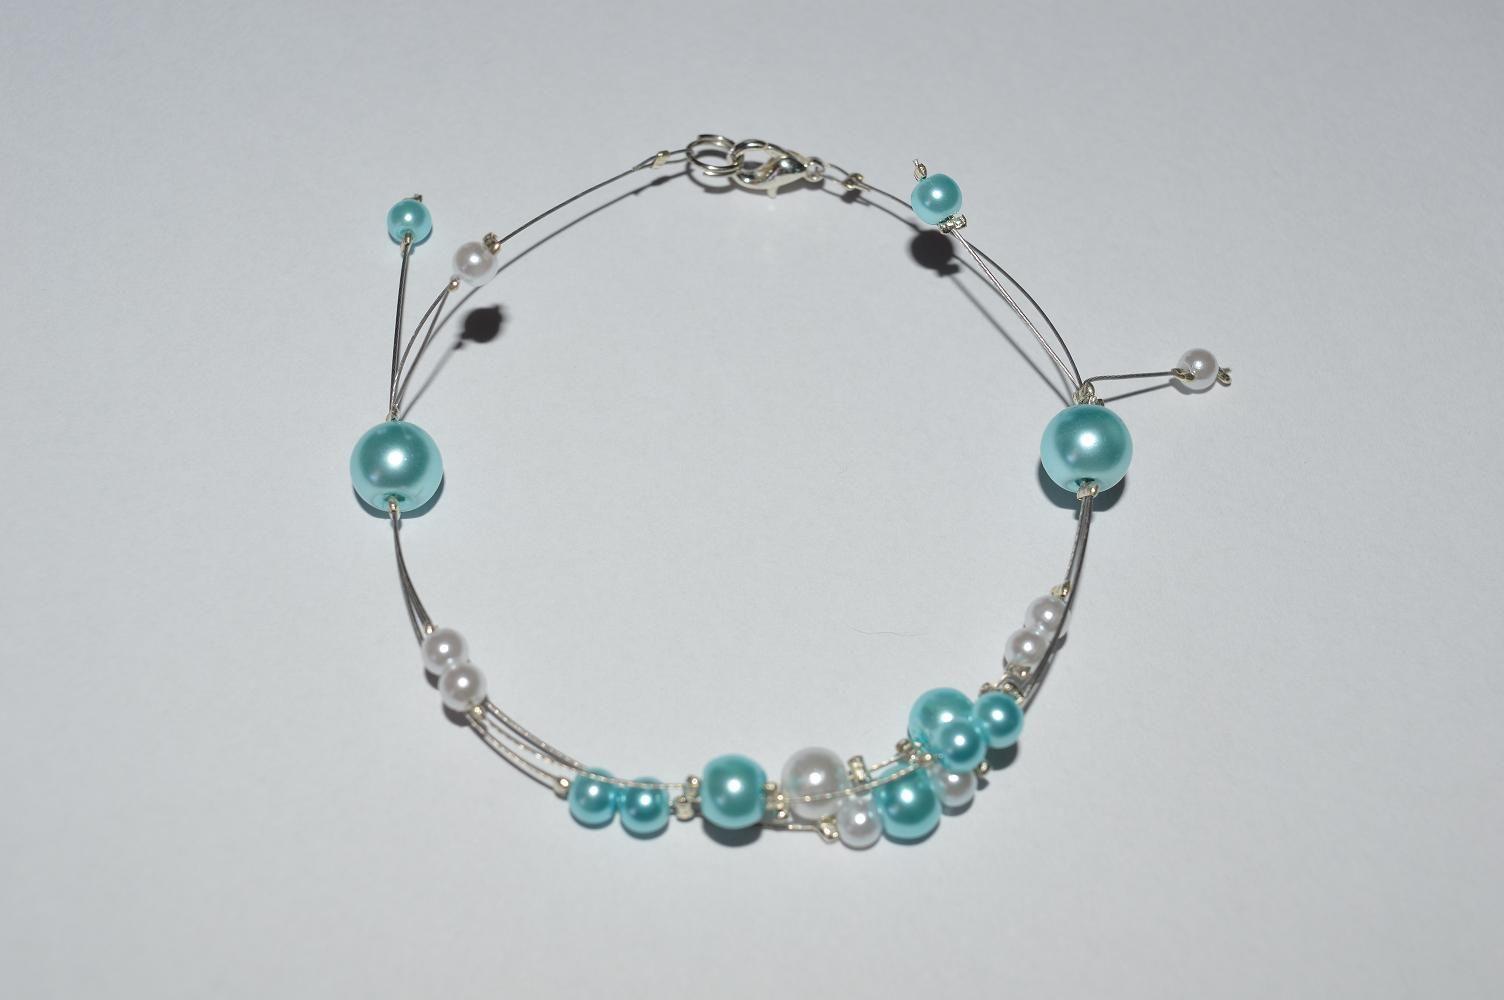 Ce bracelet est réalisé sur du fil d'acier argenté solide et souple.  Il est composé de perle de verre nacrée turquoise de 4 et 6 mm et nacrée blanche de 4 et 6 mm .  Le motif principal est monté sur trois fils câblés parsemés de perles turquoise et blanche avec une alternance de taille. A chaque extrémité de la perle de 8mm turquoise , des fils s'échappent pour s'achever sur des perles de 3 mm.   Le bracelet mesure 19 cm.  Les magniques perles de ce bracelet sont idéales pour toutes vos…